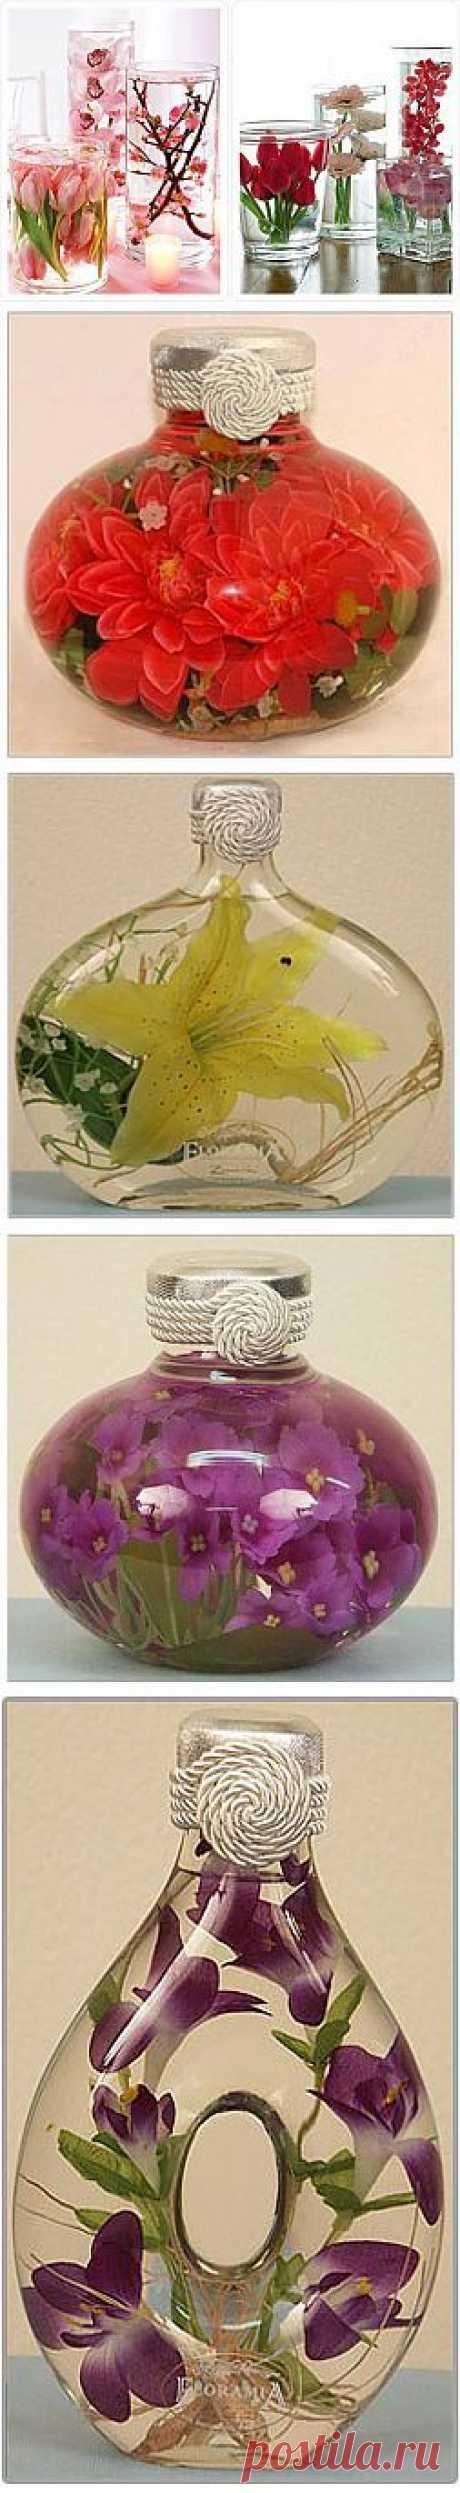 Цветы в глицерине,желатине и соли..